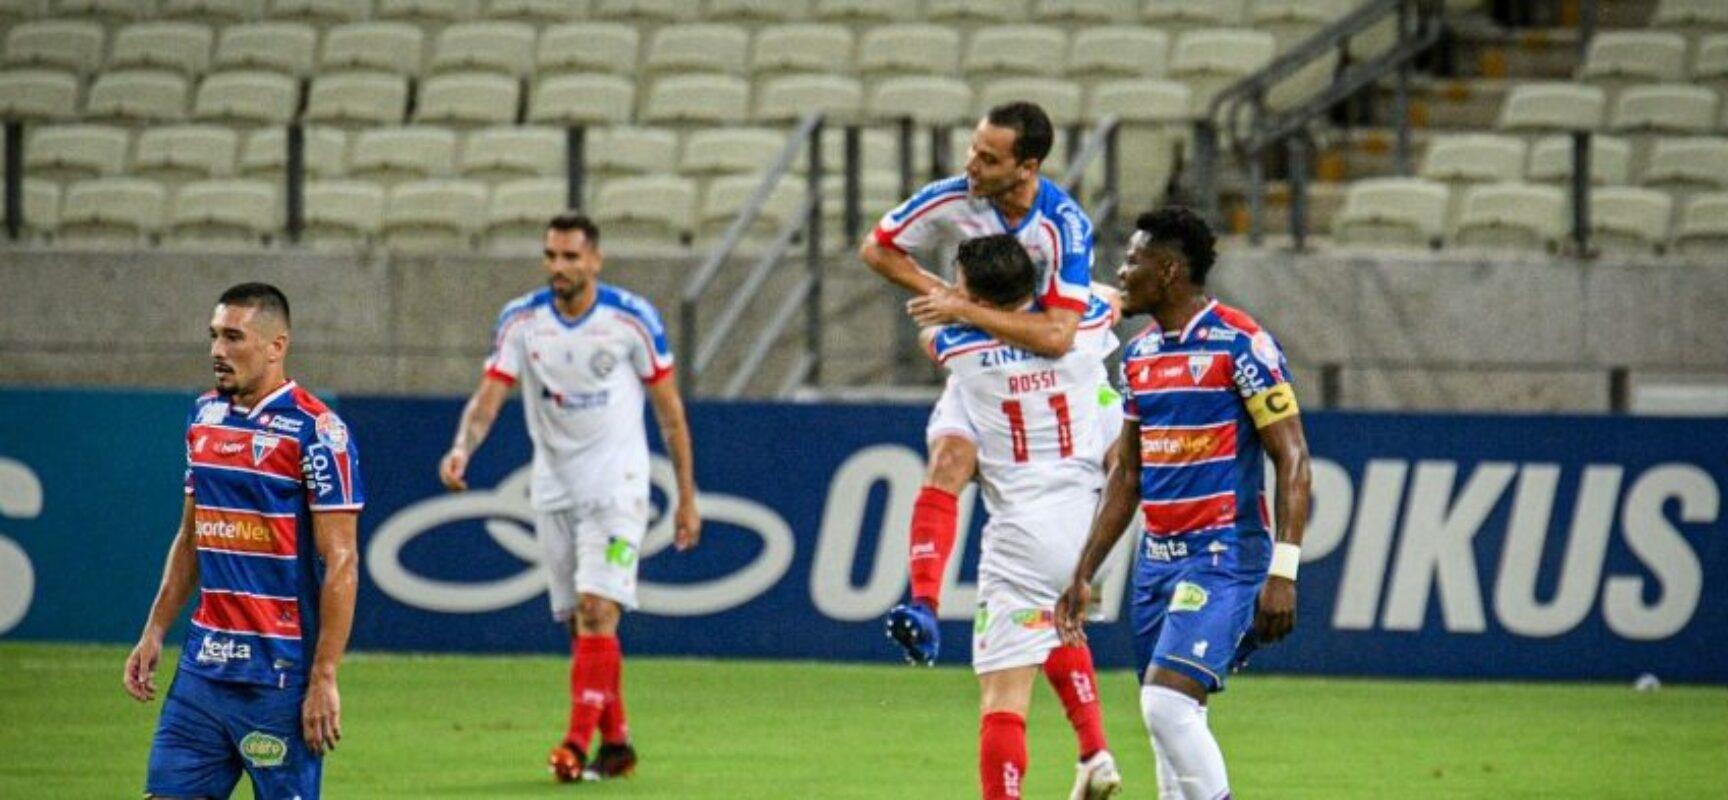 Em jogo espetacular, Bahia vence o Fortaleza com quatro gols de Rodallega